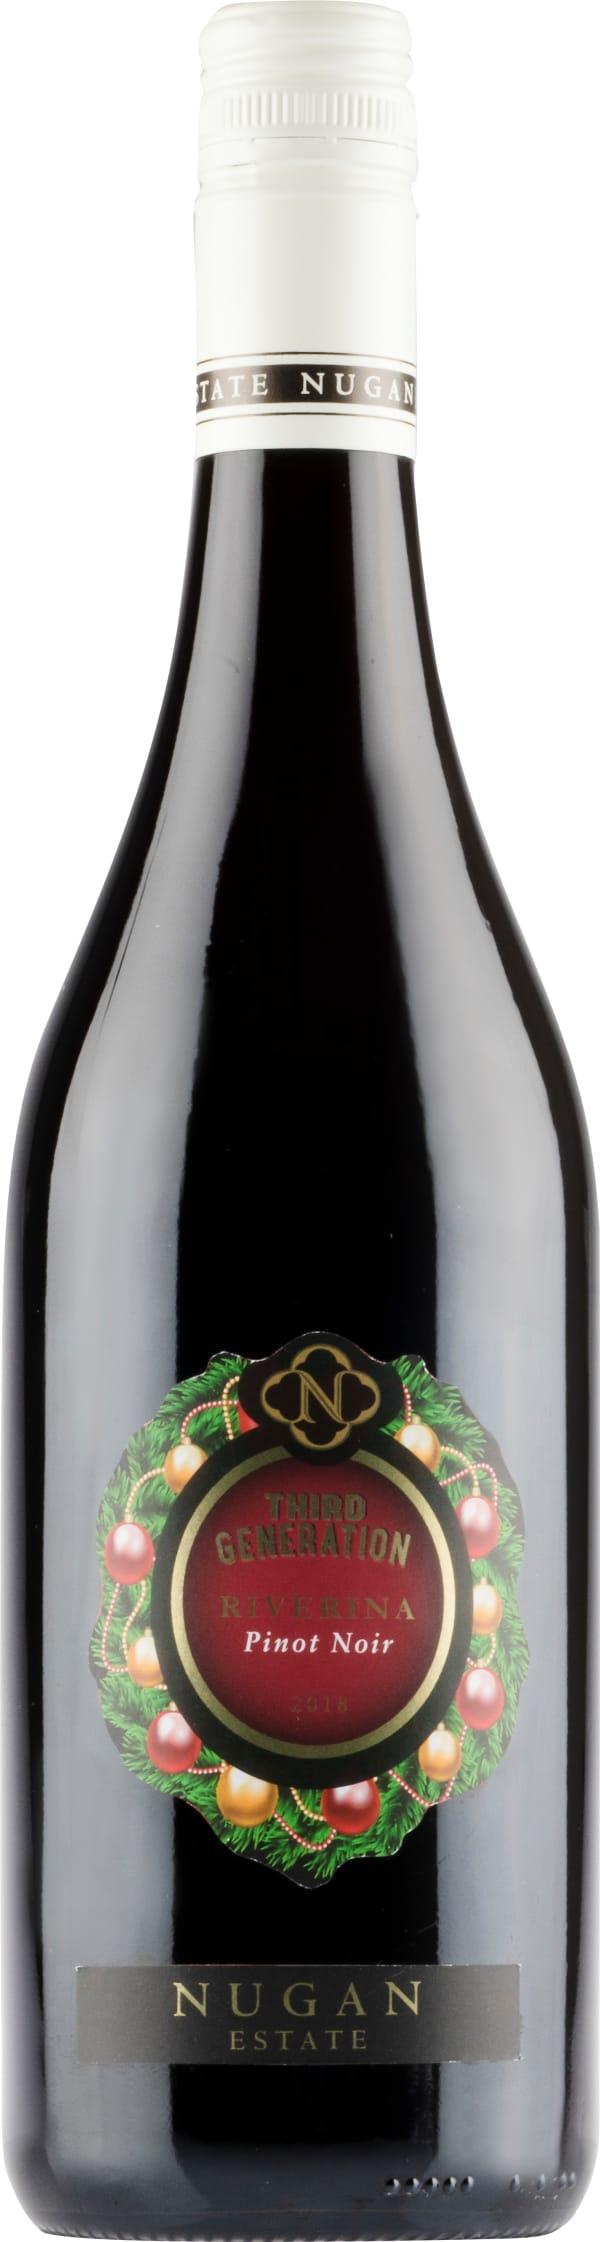 Nugan Estate Third Generation Pinot Noir 2018